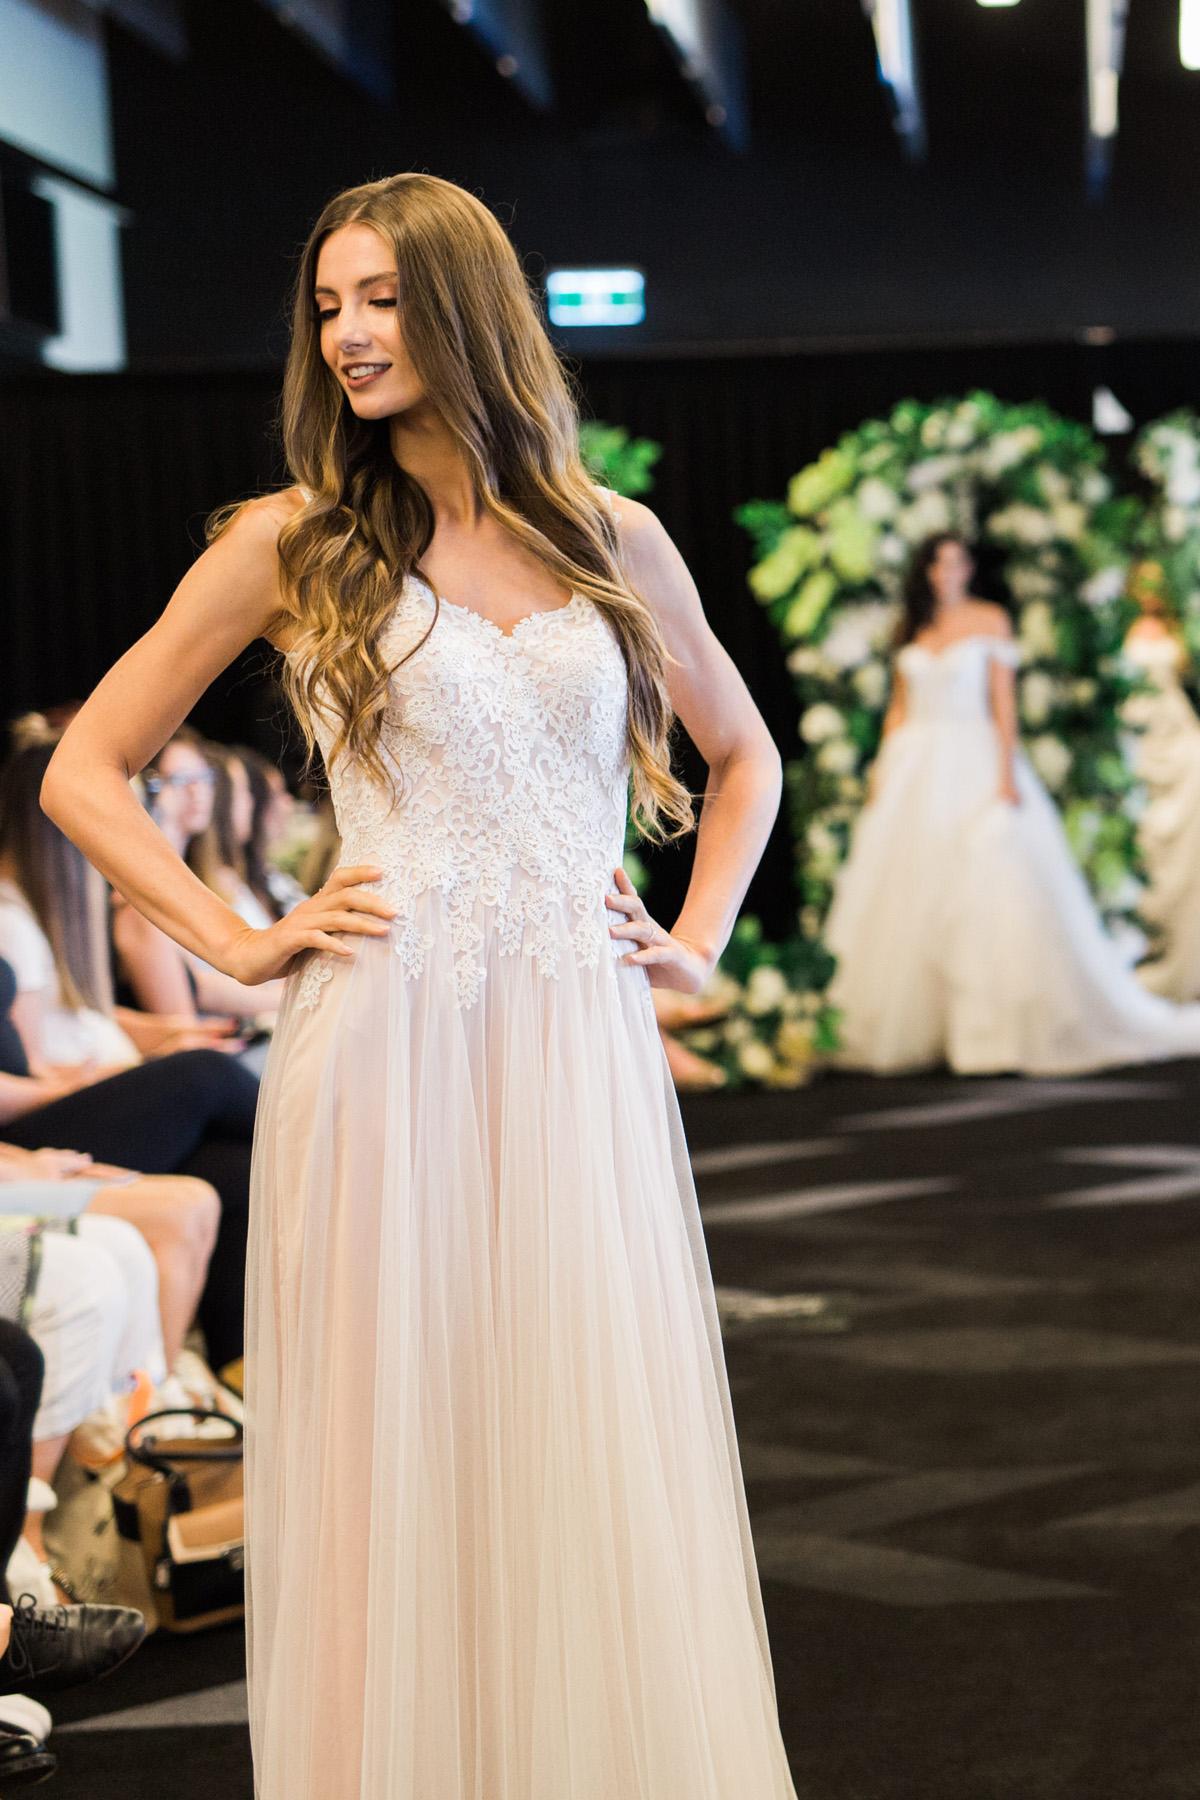 Love-Wedding-Festival-Sydney-Wedding-Gown-Jean-Fox-Bridal-15.jpg